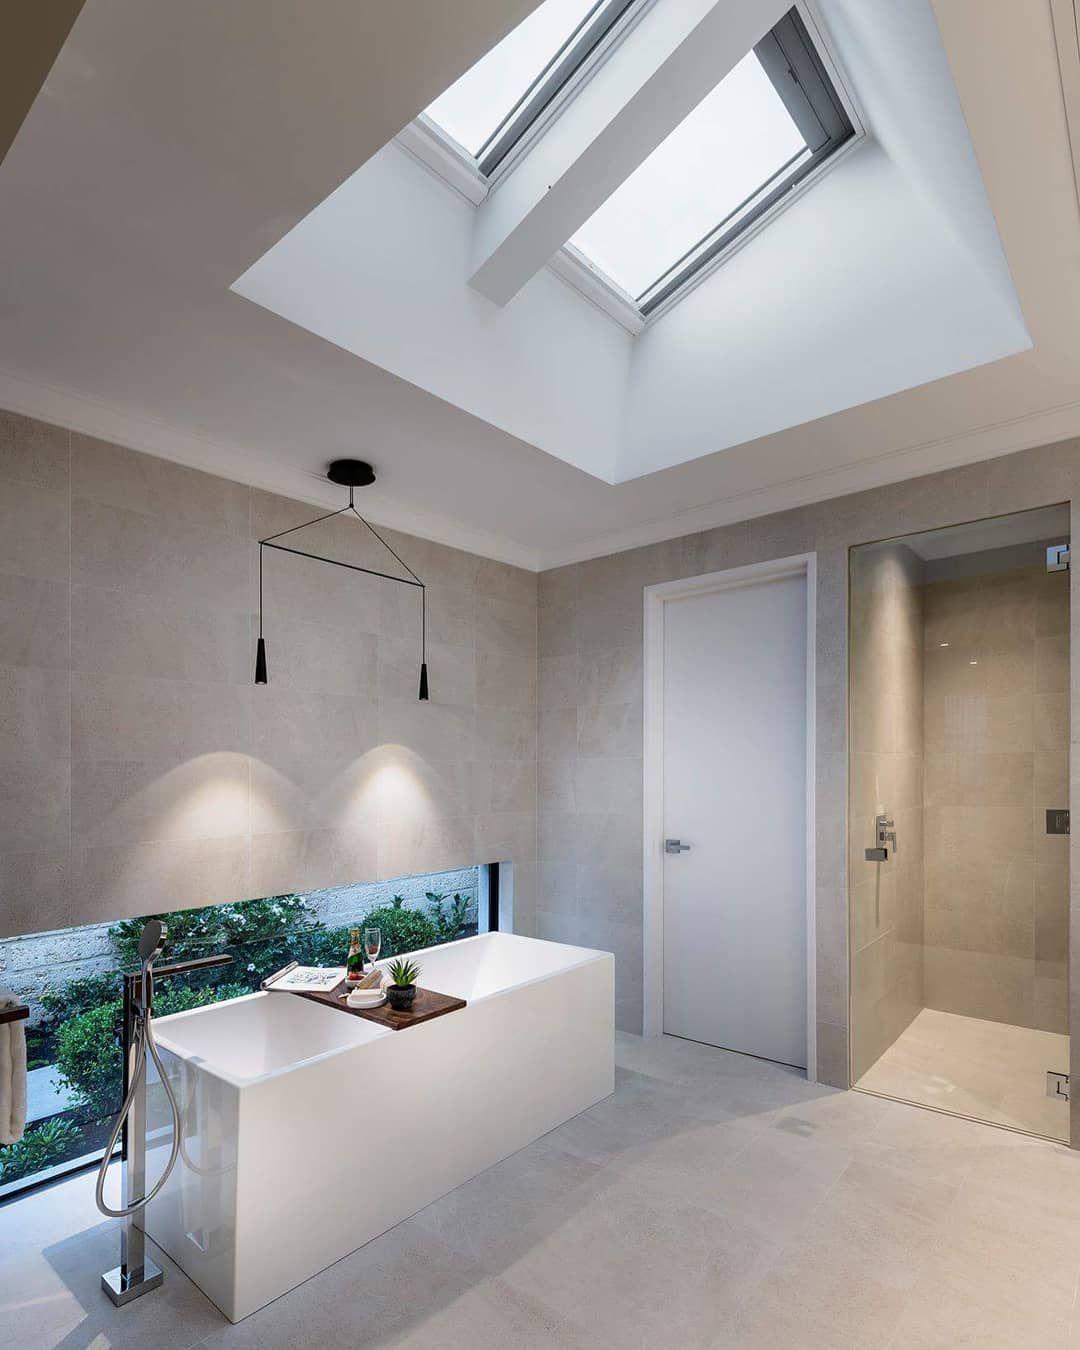 Velux Dachfenster Gerade Im Bad Eine Gute Idee Dachfenster Badezimmer Dachschrage Verdunkelungsrollo